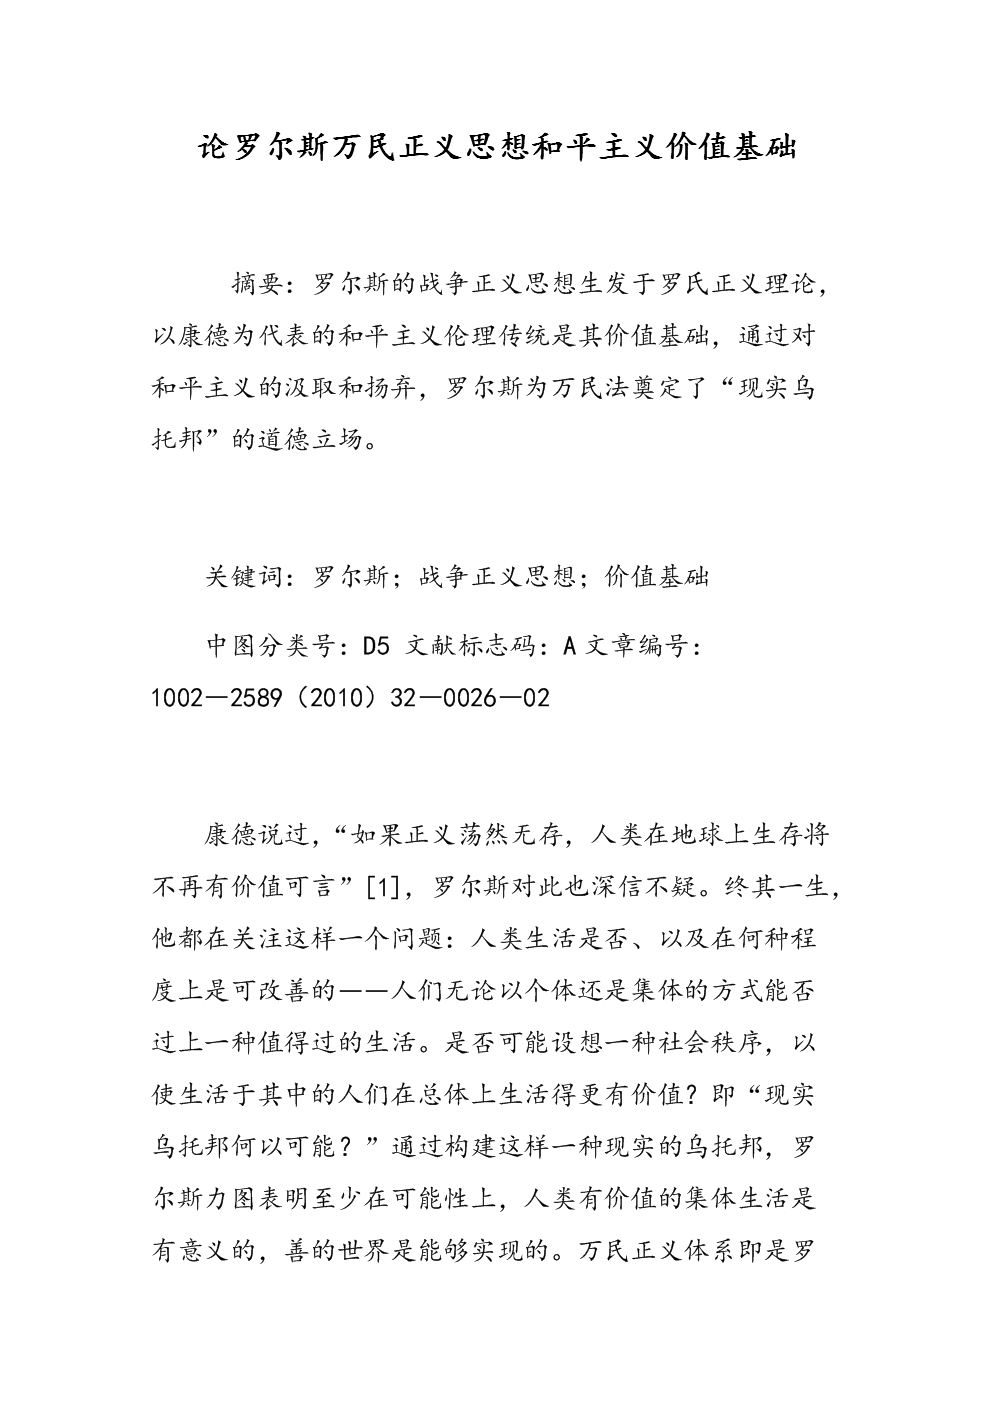 论罗尔斯万民正义思想和平主义价值基础.doc